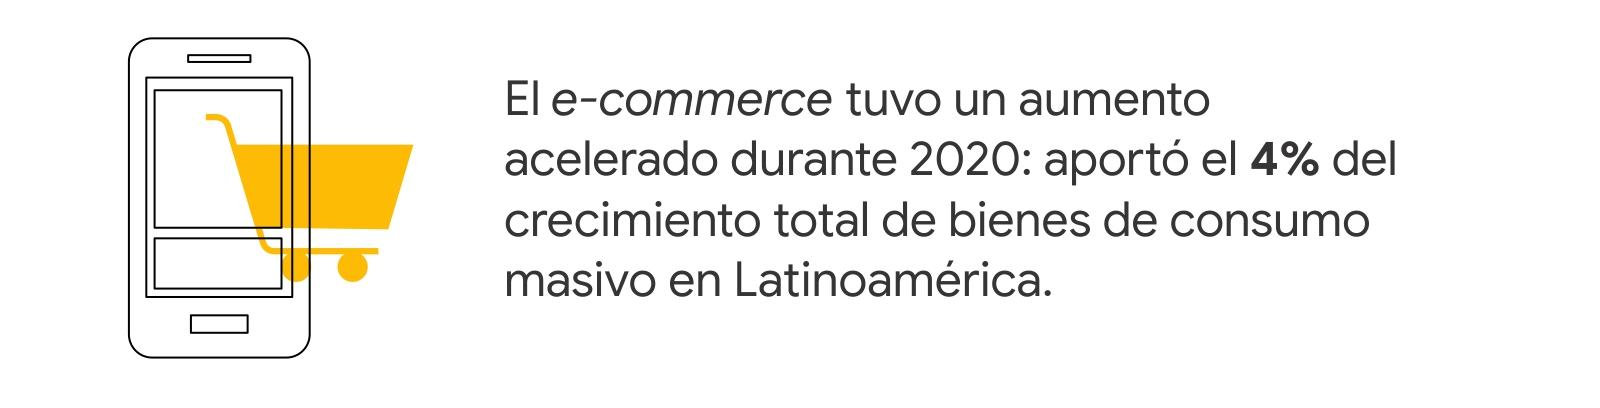 Una imagen muestra, a la izquierda, un móvil con un carrito de compras en amarillo. A la derecha, la estadística: El e-commerce tuvo un aumento acelerado durante 2020: aportó el 4% del crecimiento total de bienes de consumo masivo en Latinoamérica.